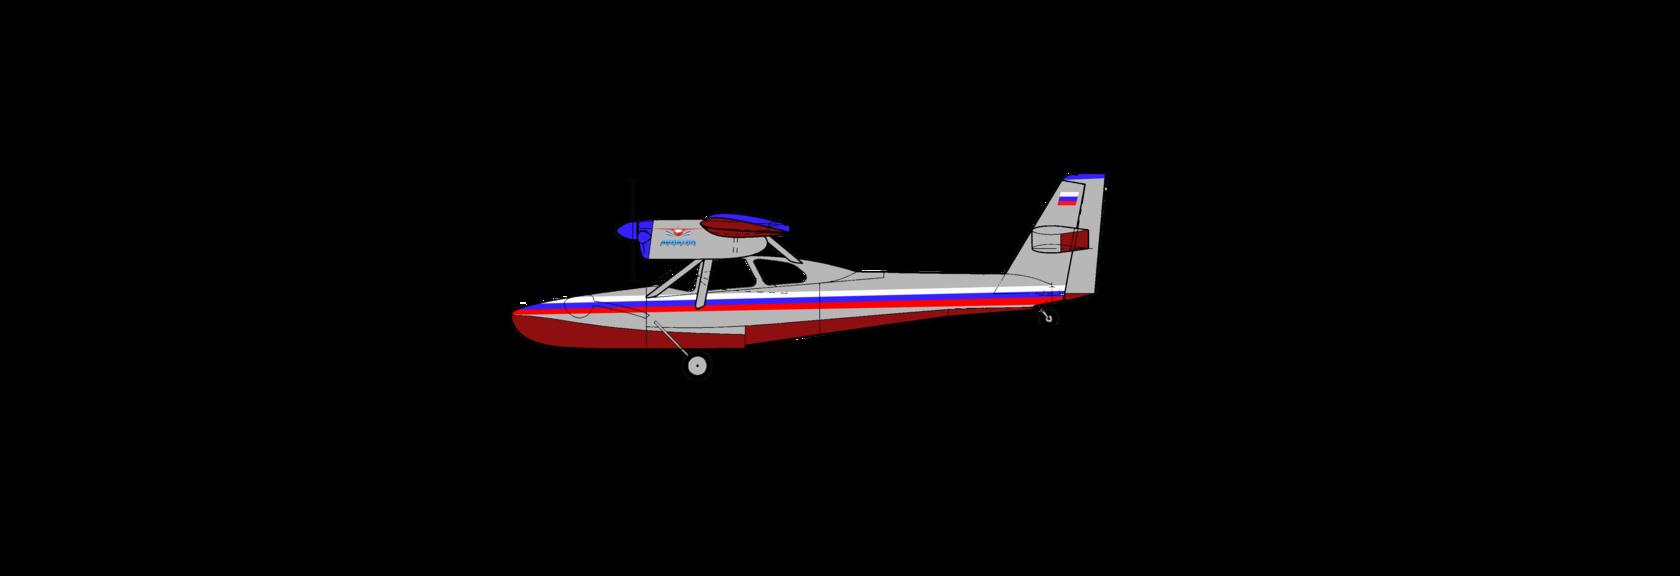 покраска самолета амфибии, покраска амфибии, амфибия, схема окраски самолета амфибии, ливрея самолета амфибии, дизайн самолета амфибии